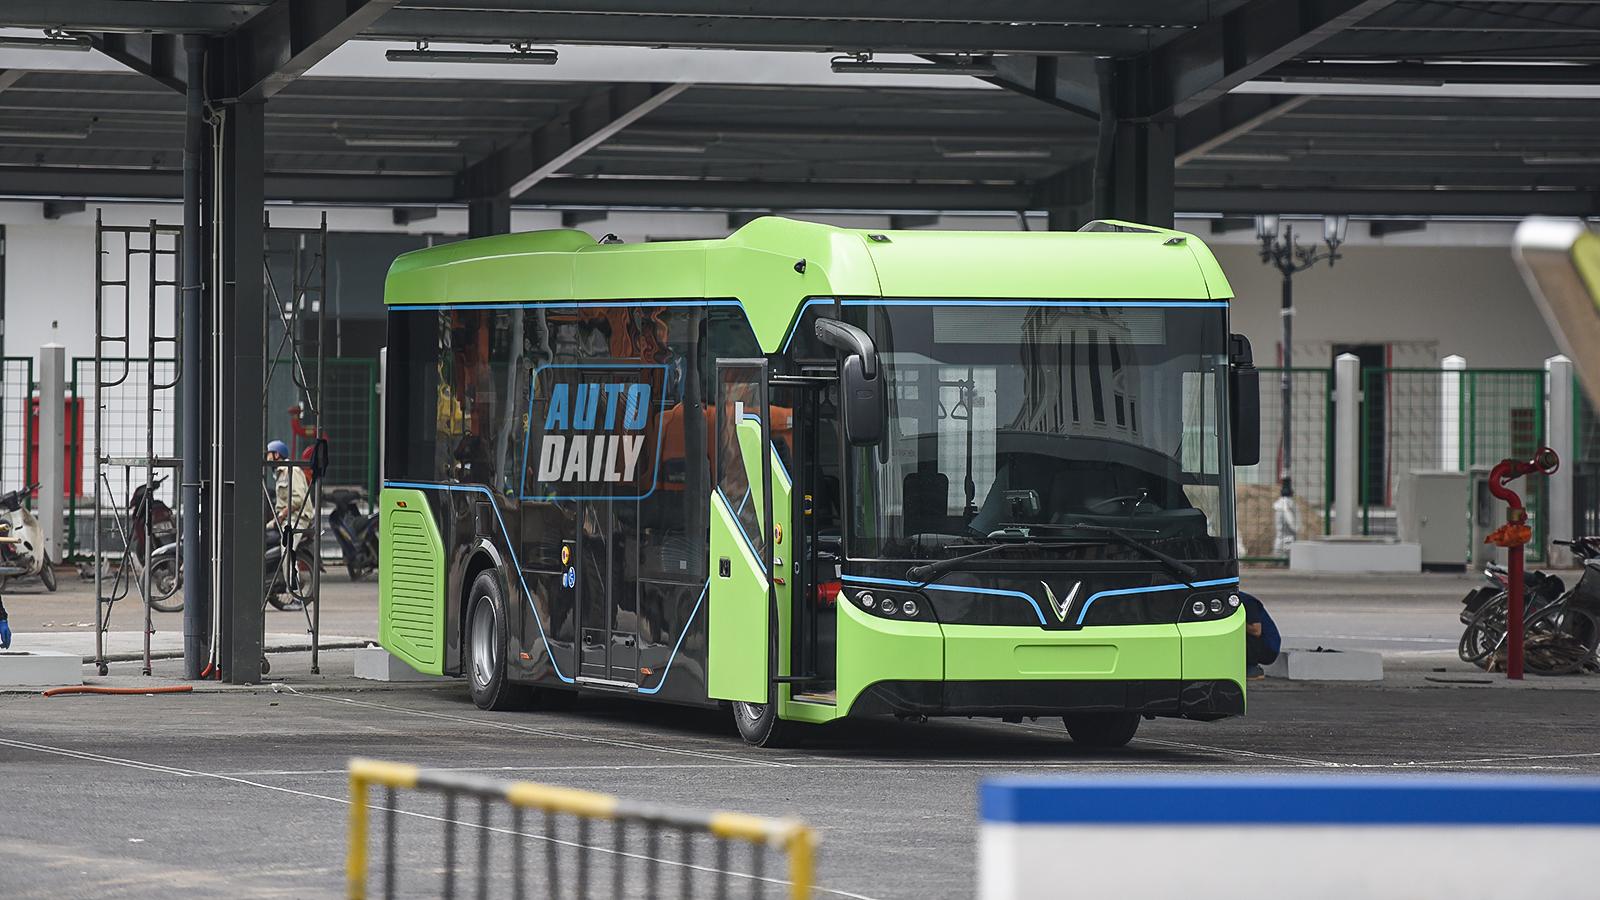 Xe Bus điện của VinFast sắp hoạt động tại Hà Nội, nhà ga chính sắp hoàn thiện dsc-9410-copy.jpg